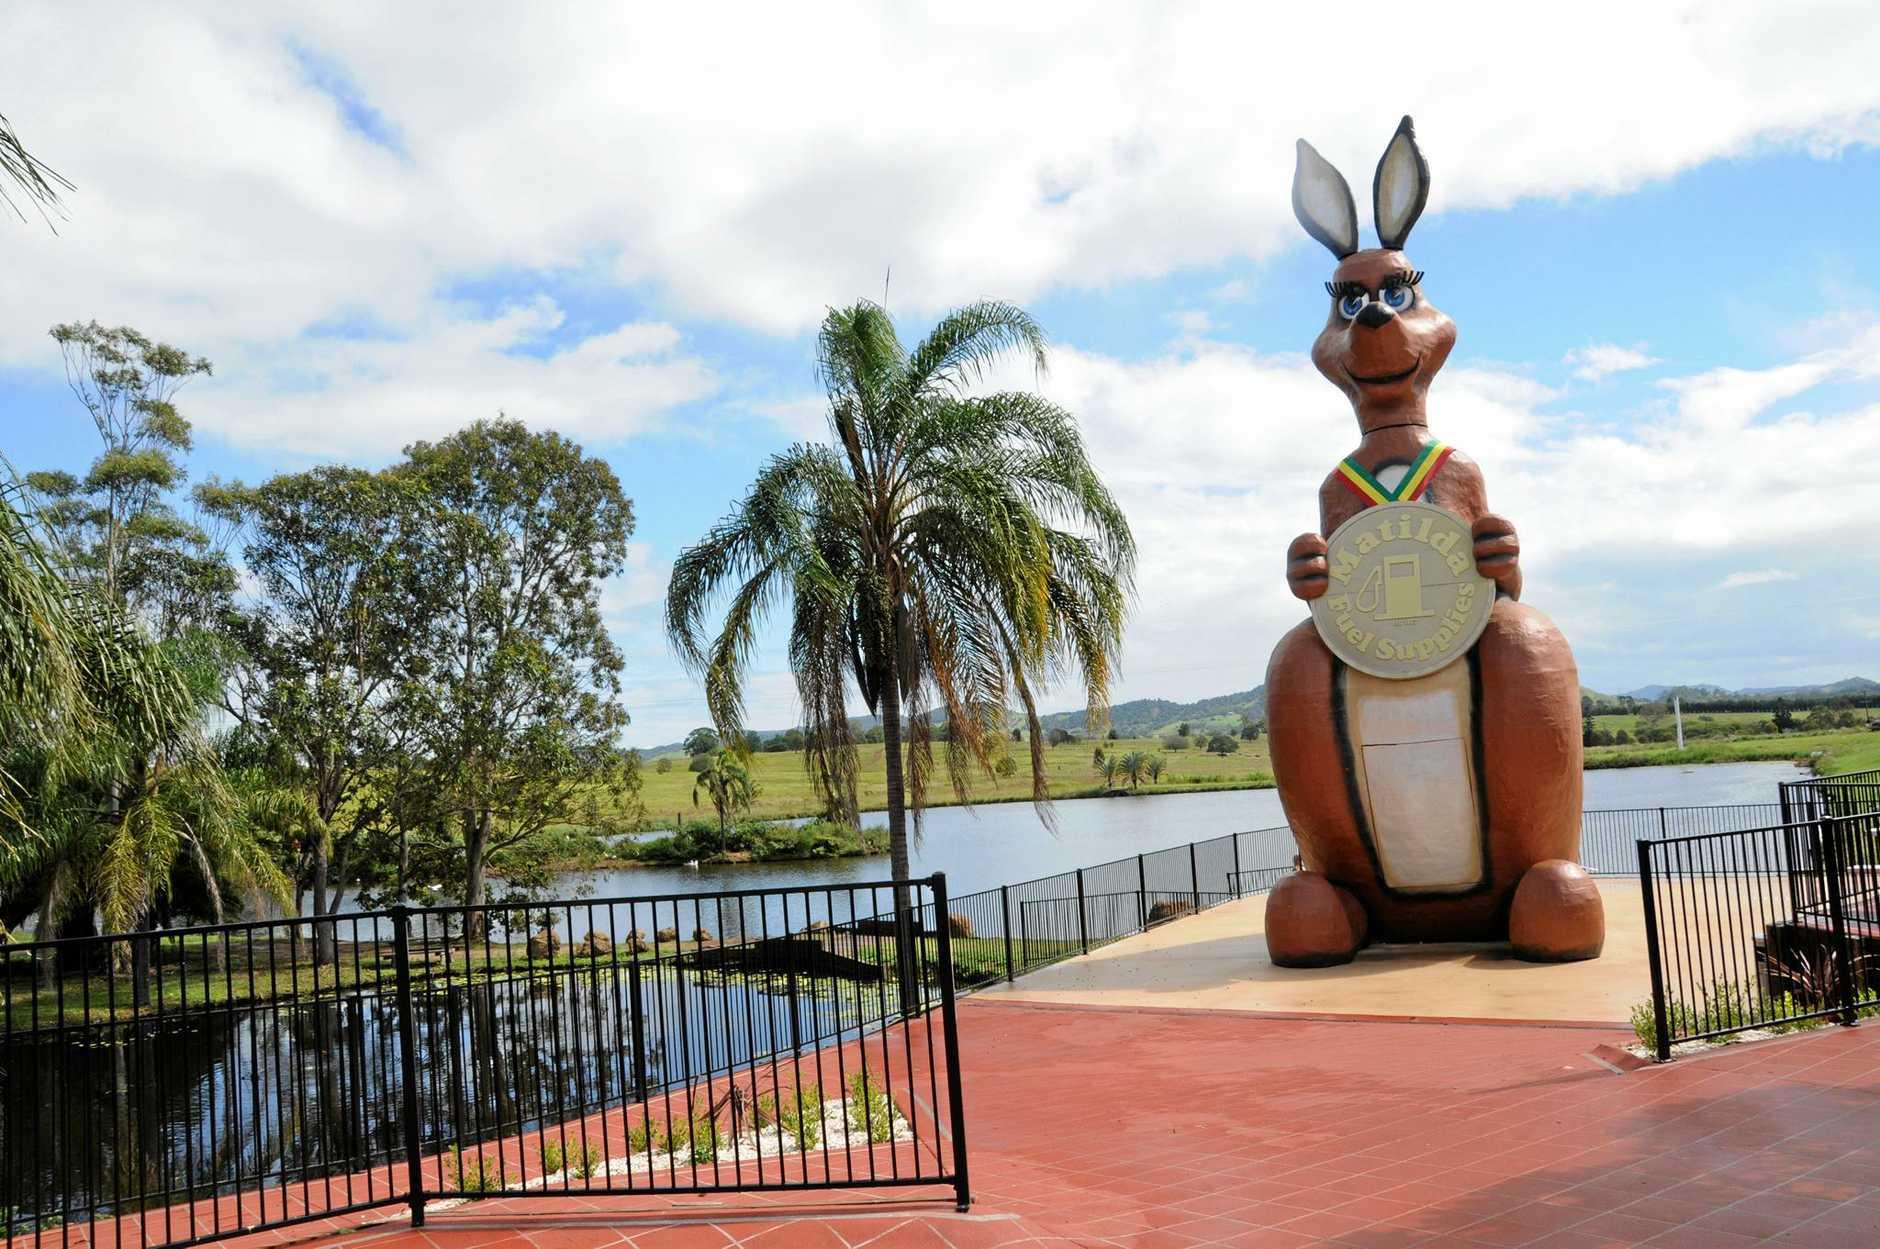 Matilda the kangaroo is at the Matilda Service Station at Kybong.